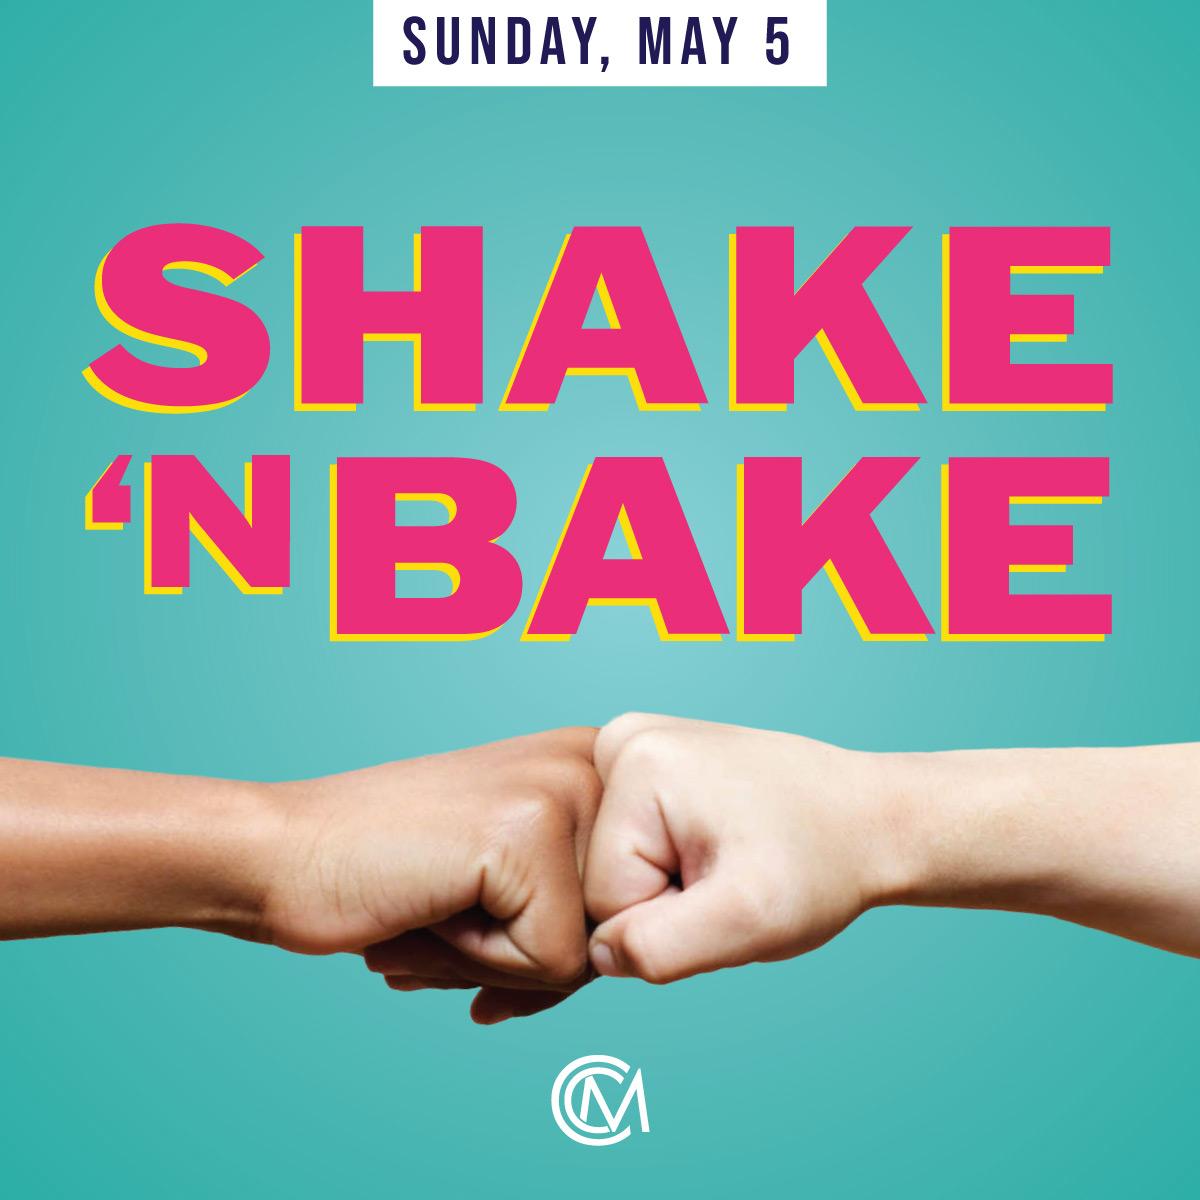 CCM-Shake&Bake-May5.jpg